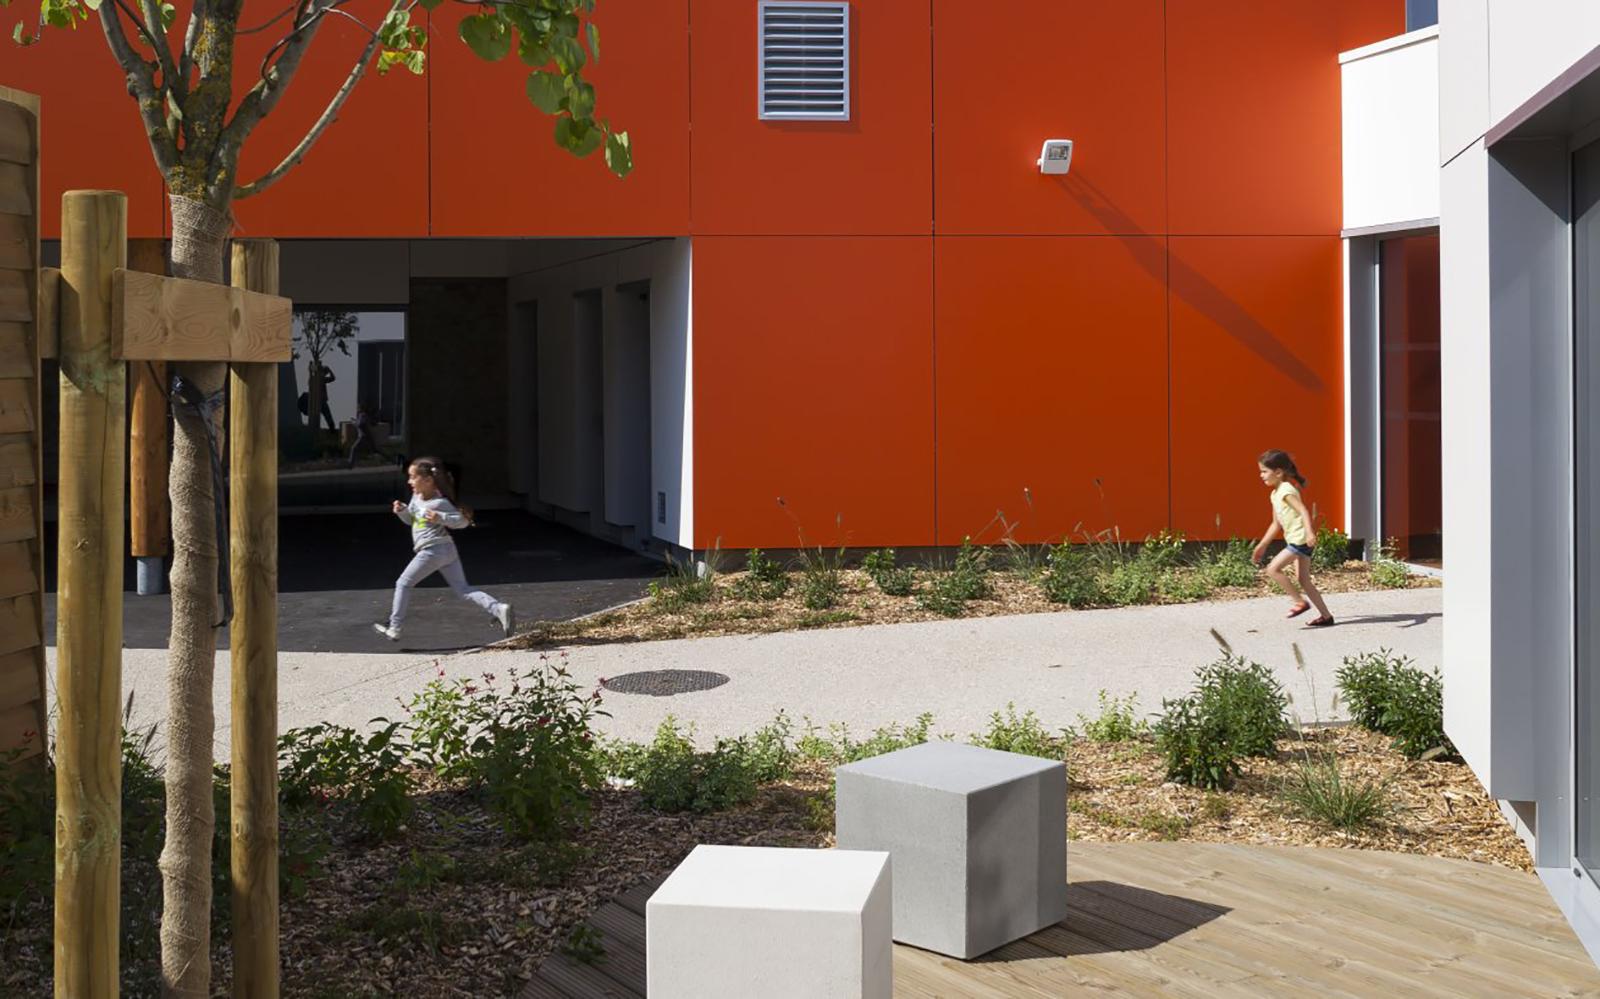 Photo projet terminé paysagiste cour d'école Duclos Lanoy à Waziers enfants courses plantations terrasse des professeurs